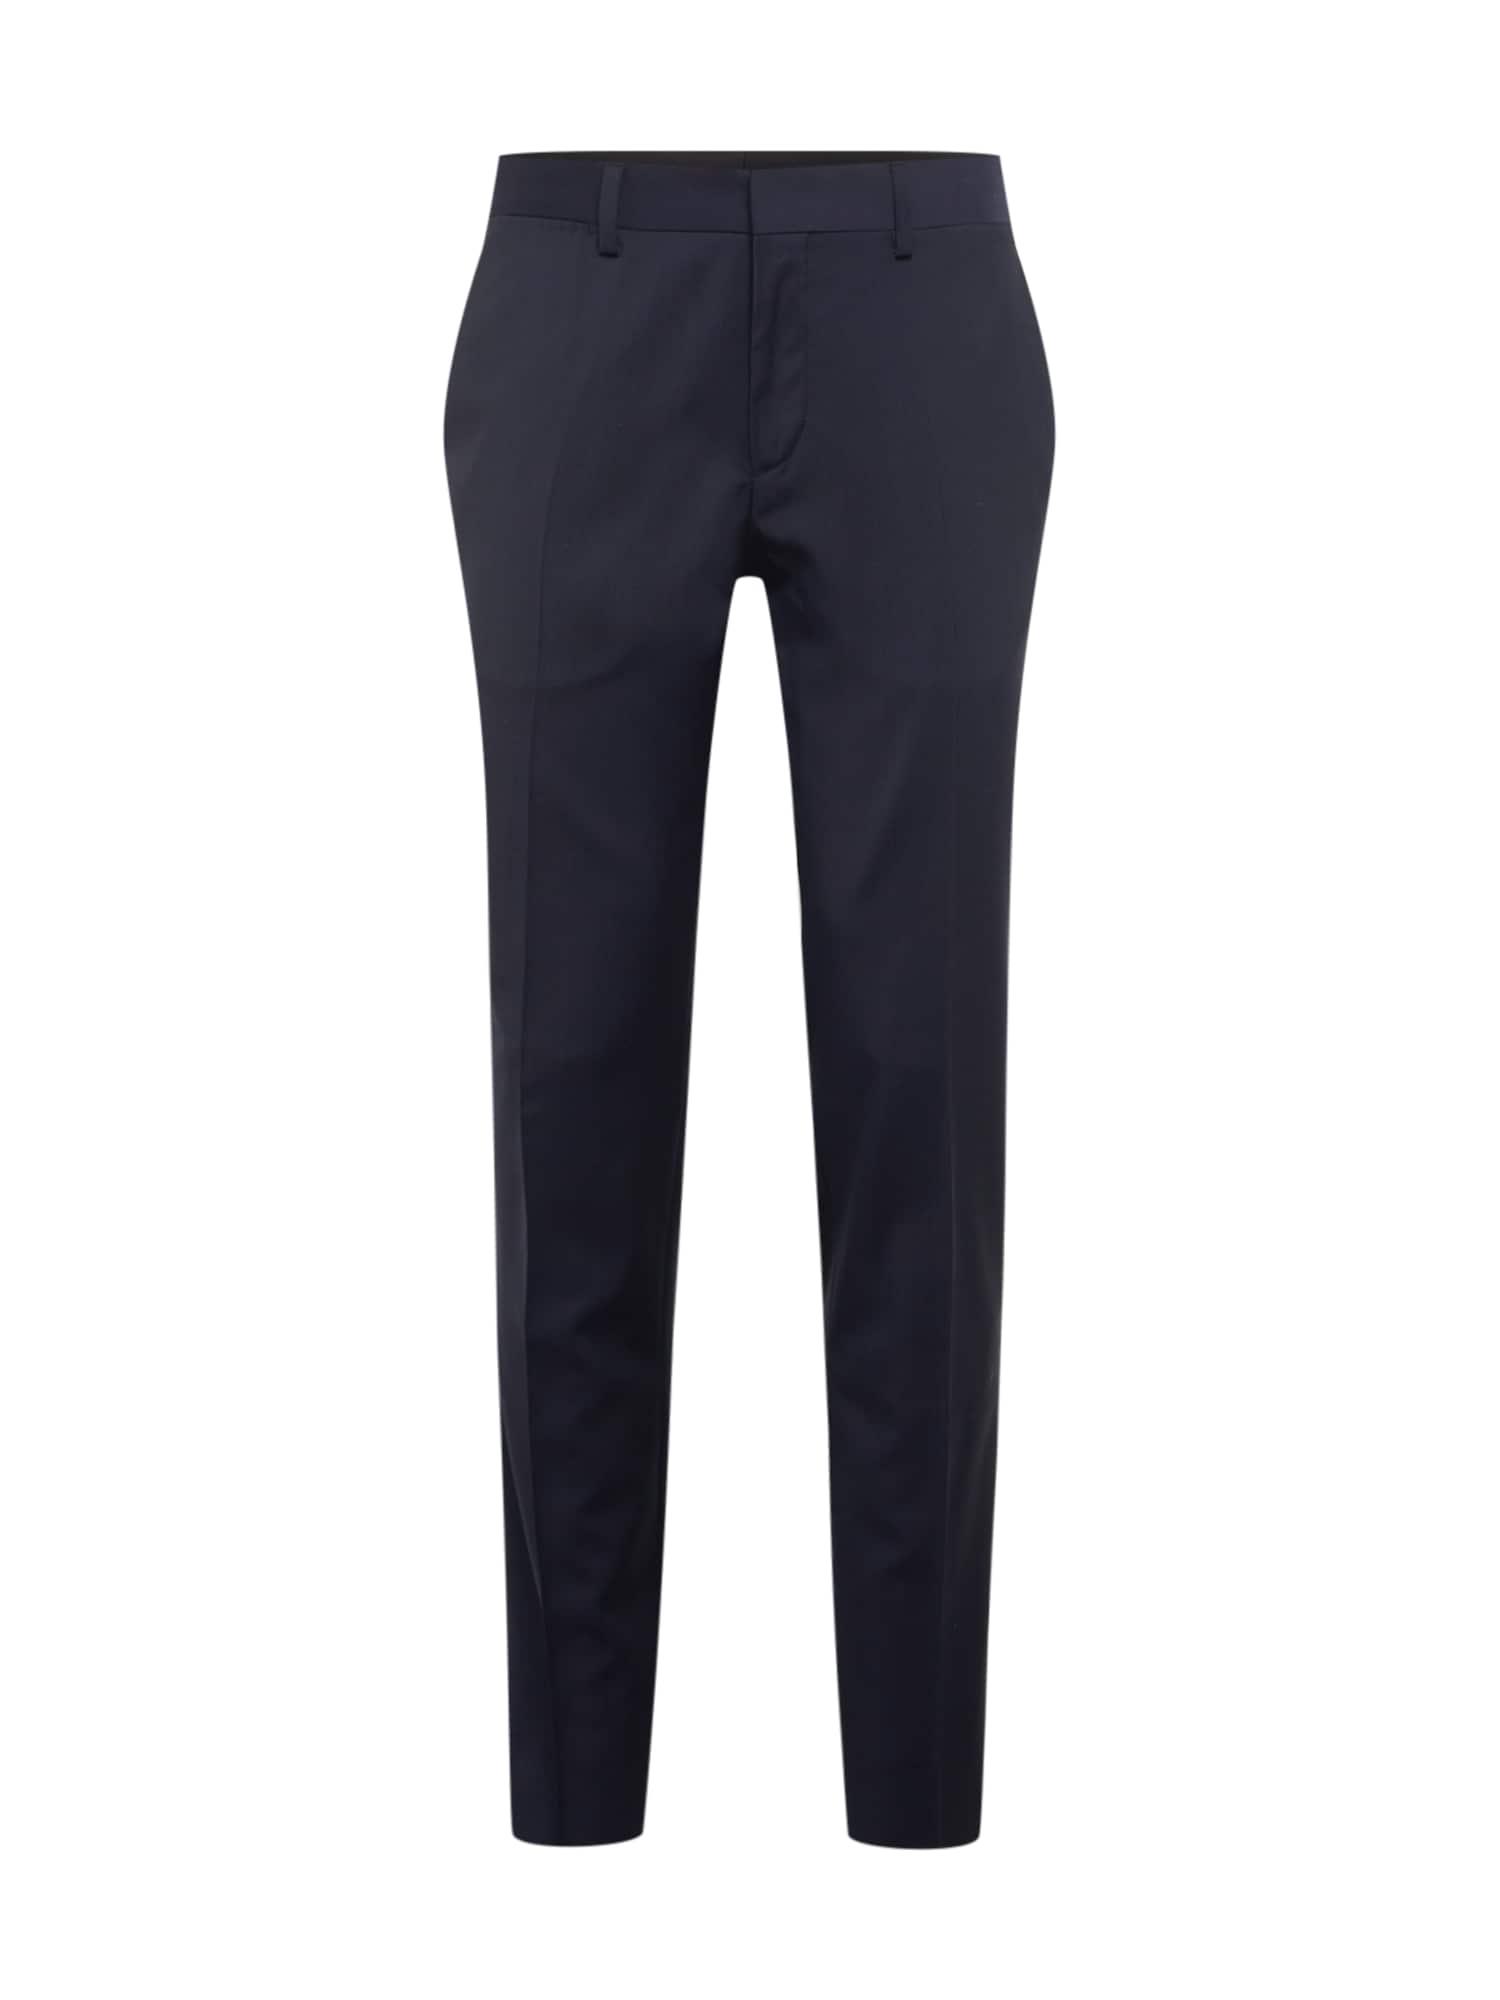 J.Lindeberg Pantalon à pince 'Paulie'  - Bleu - Taille: 50 - male